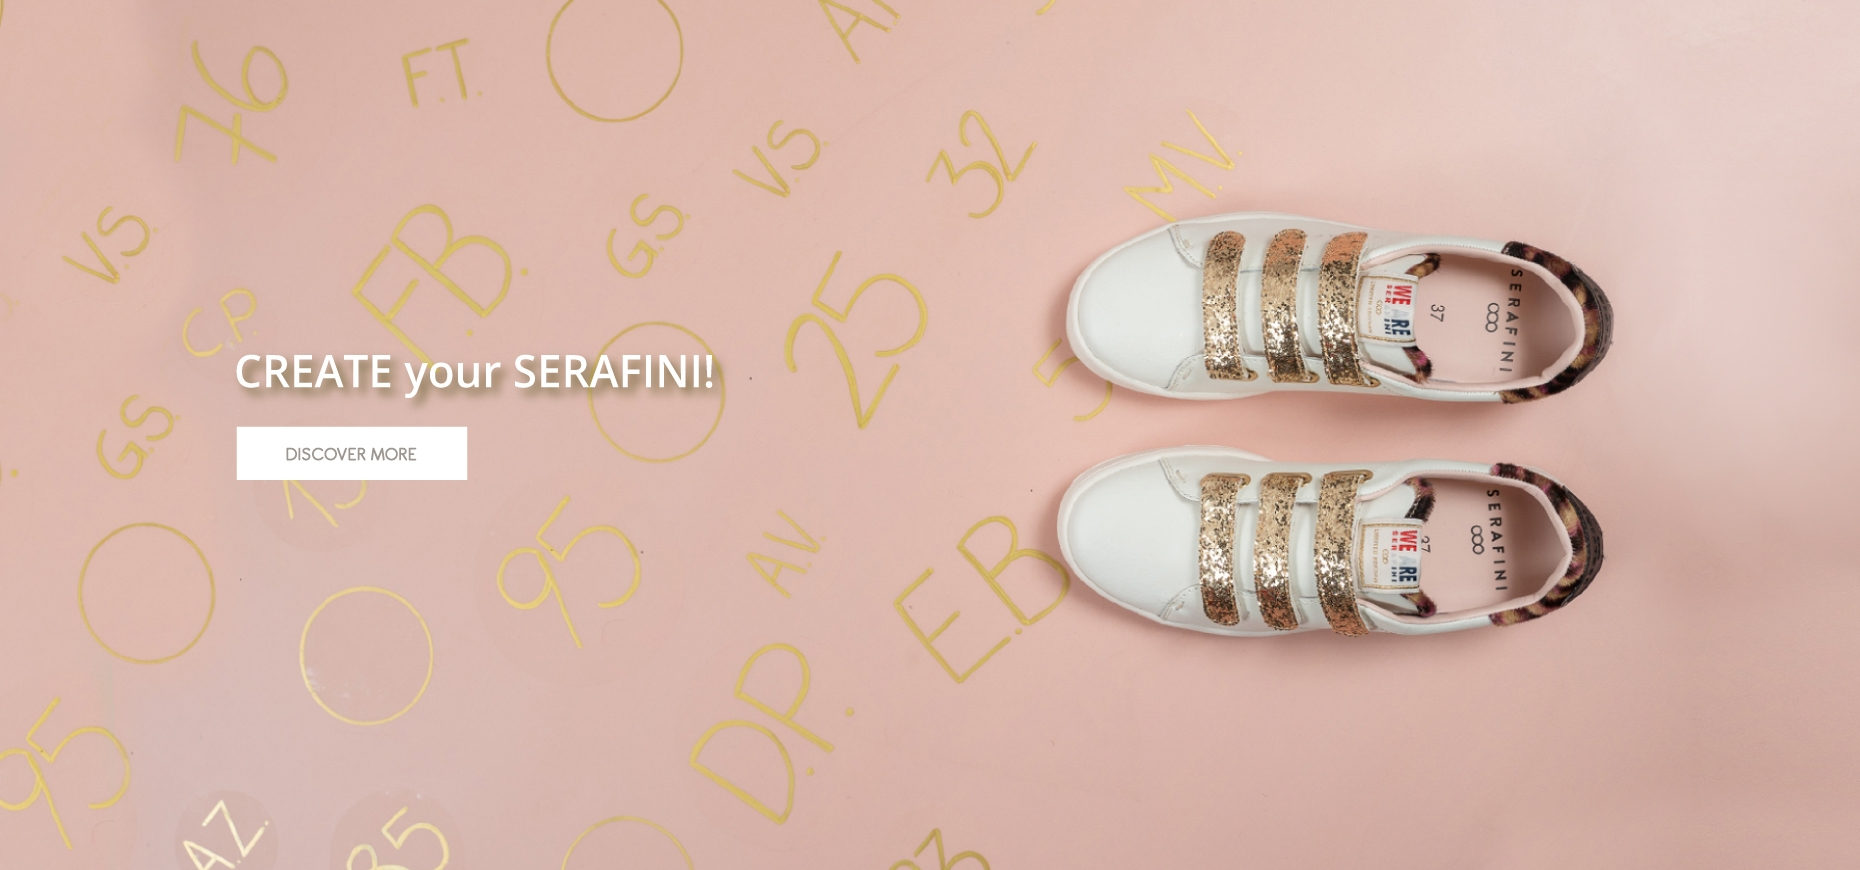 Your Serafini Woman